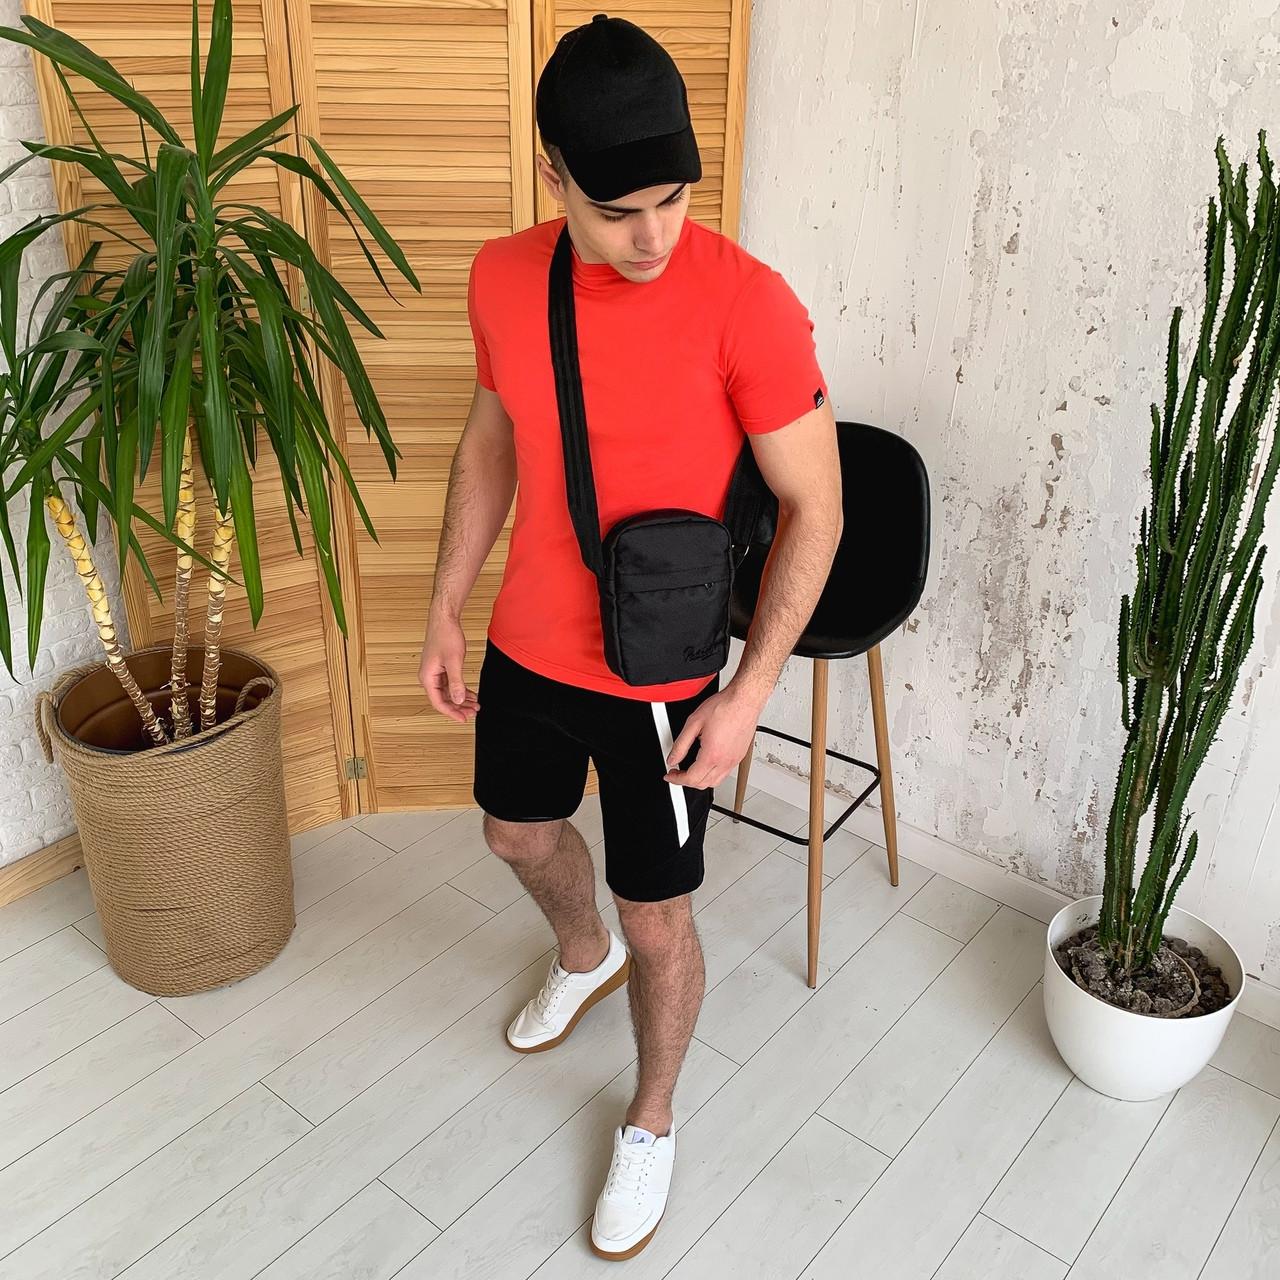 Чоловічий річний комплект, літній костюм футболка коралова Peremoga і шорти чорні Zorro